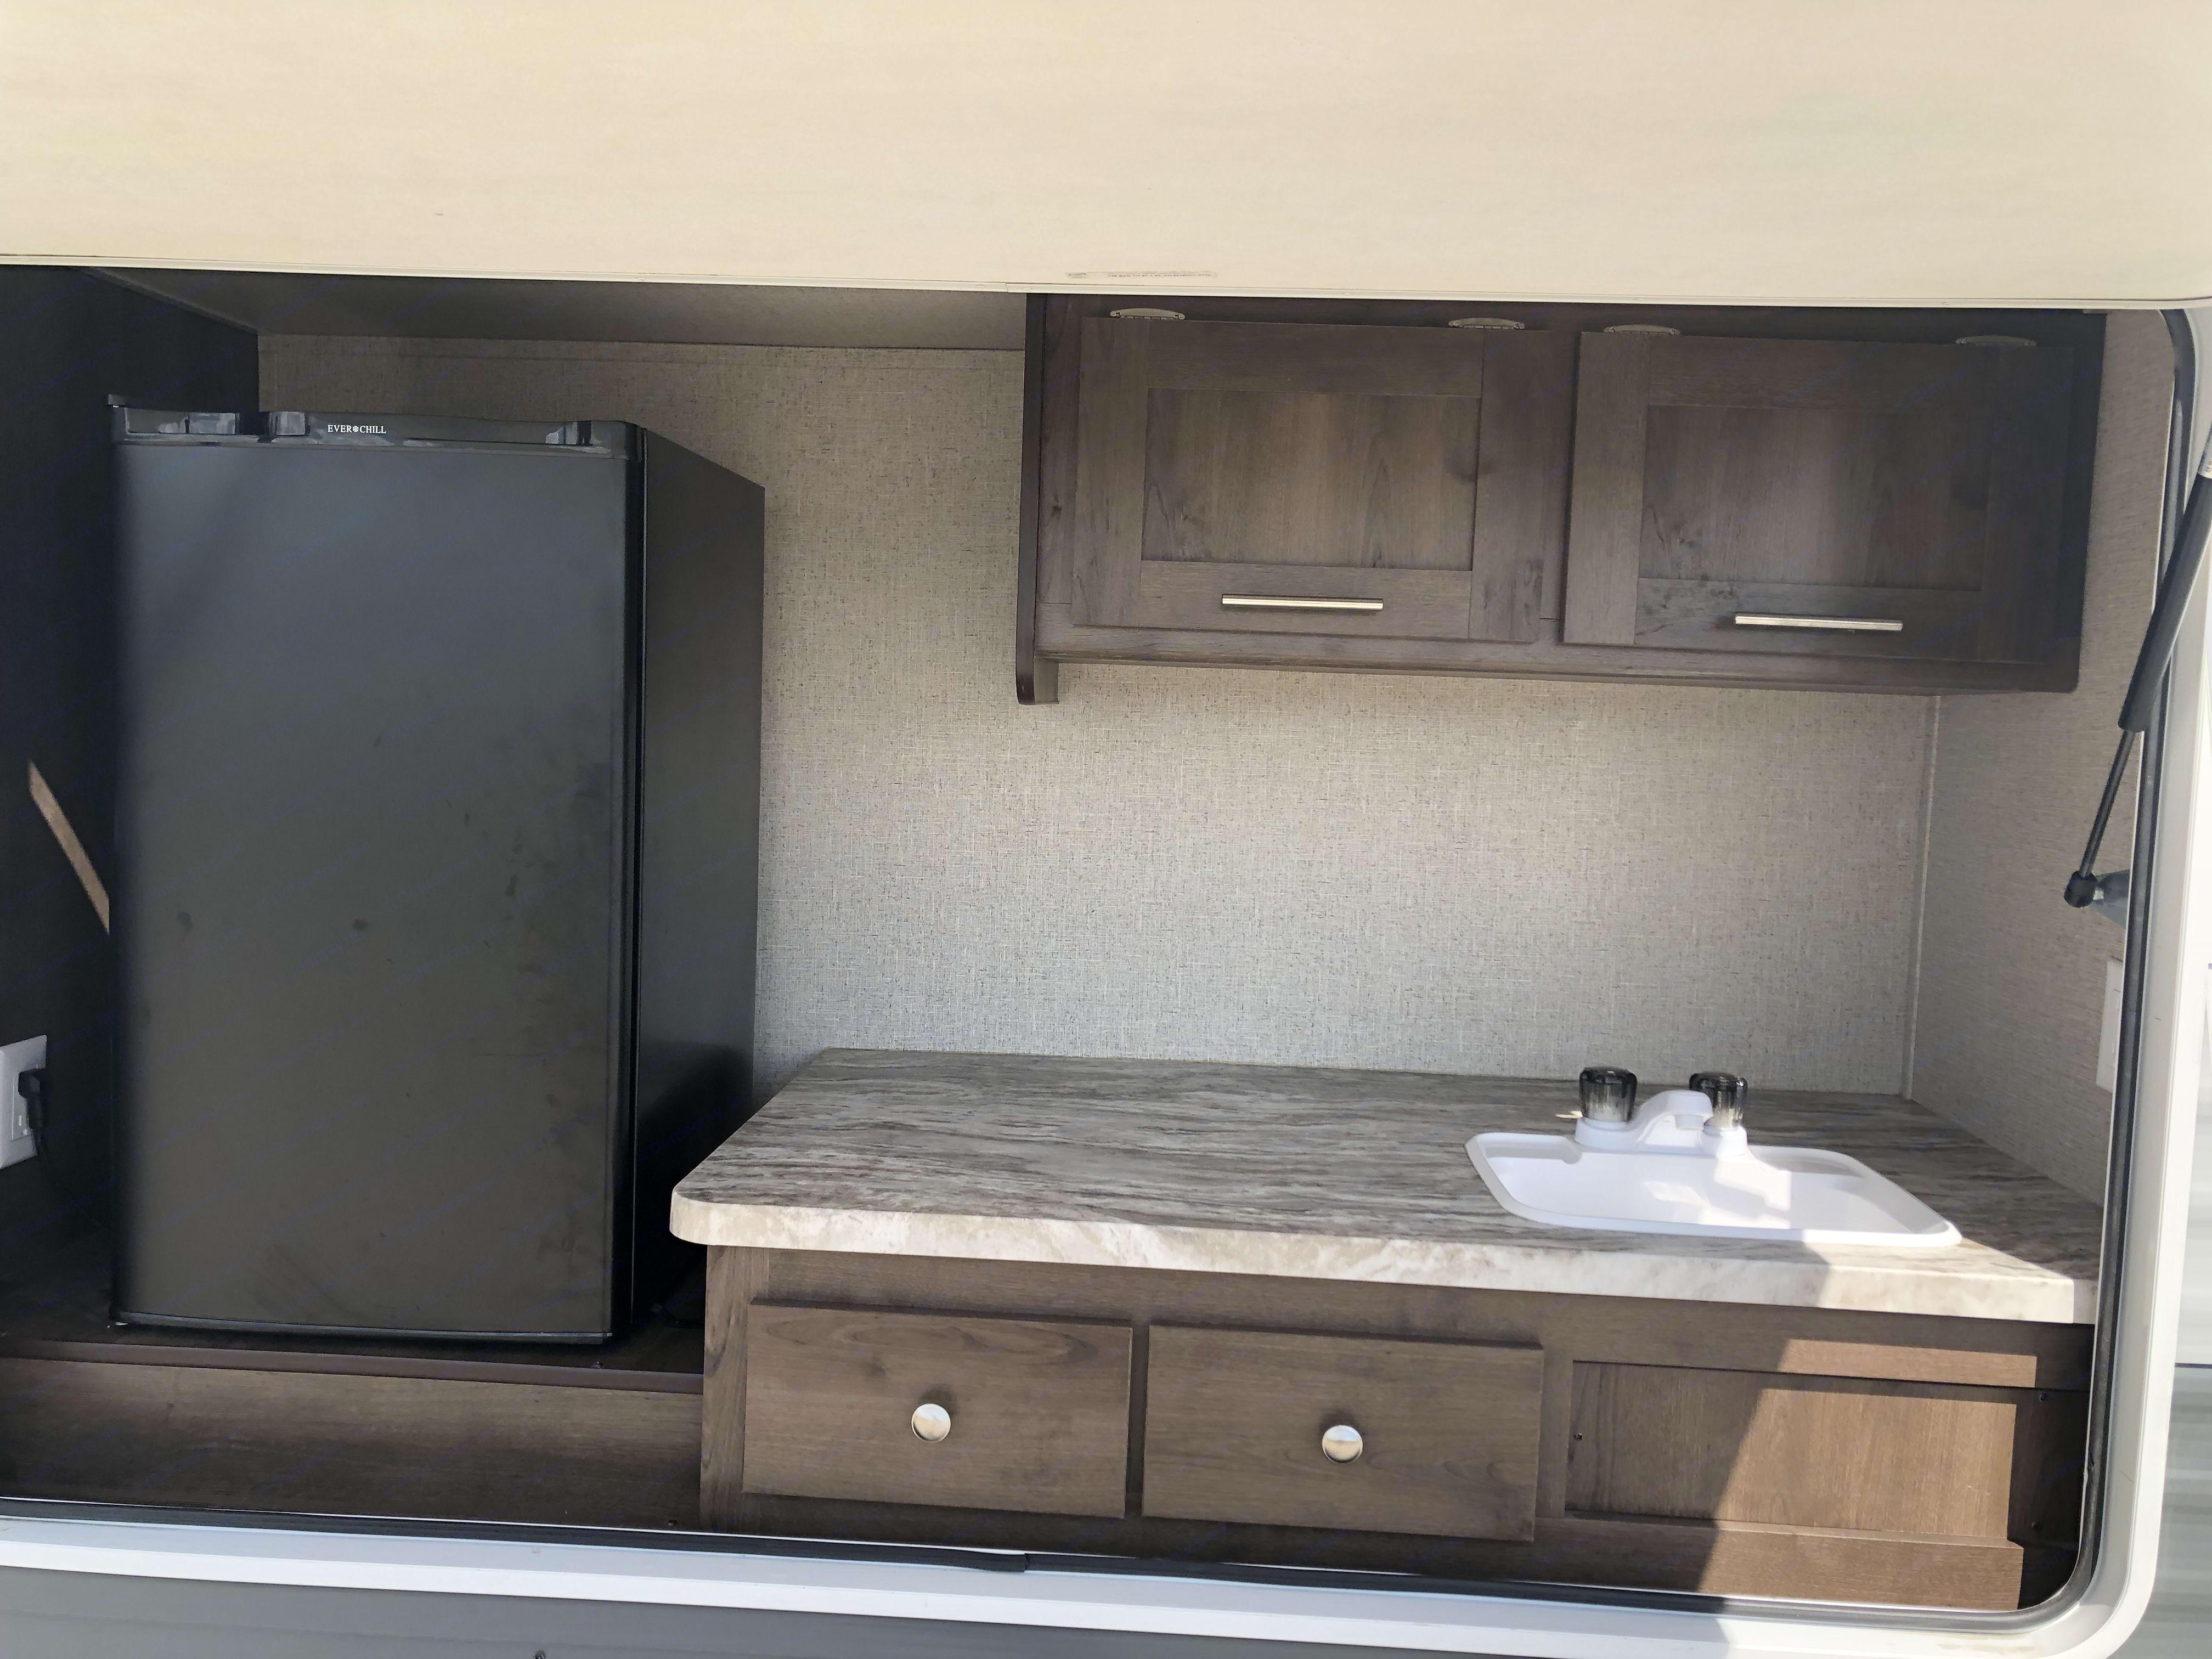 Outdoor kitchen . Forest River shasta 2019